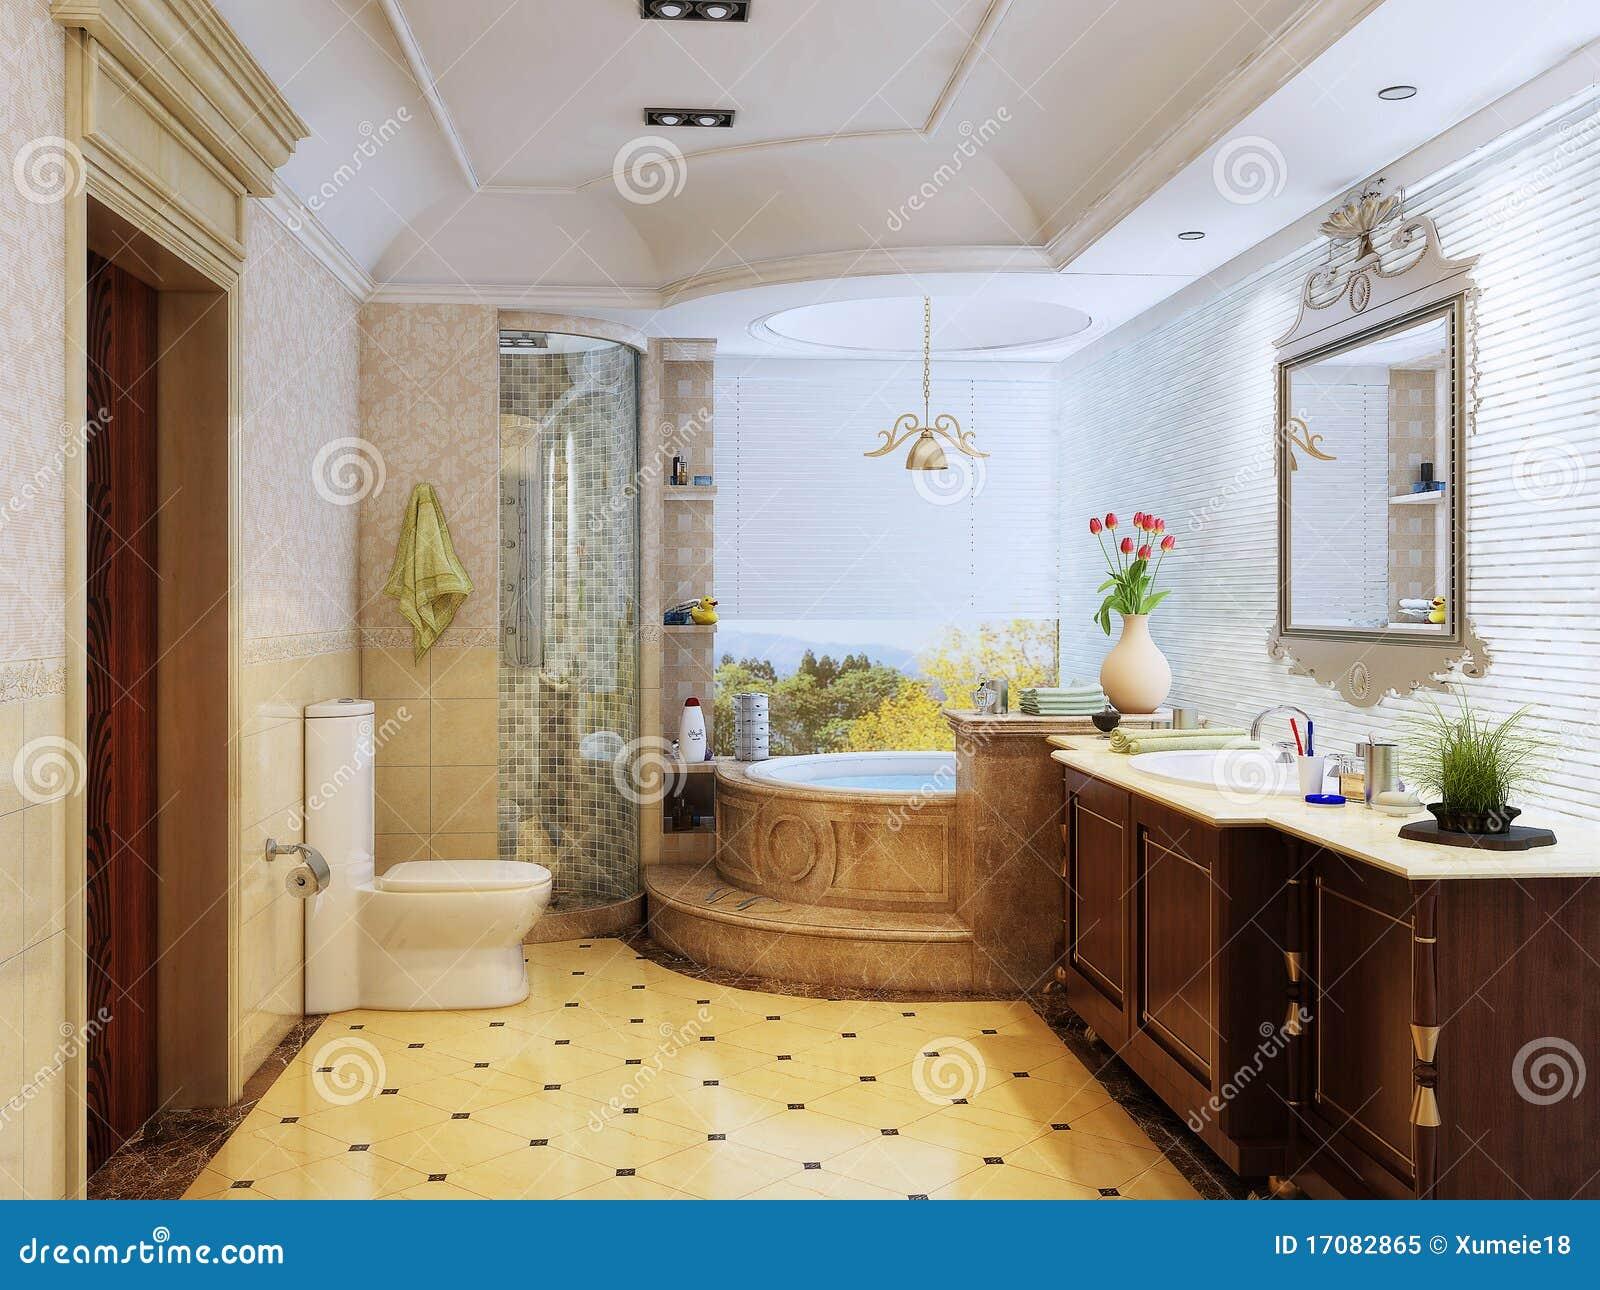 klassisches badezimmer lizenzfreies stockfoto - bild: 17082865, Badezimmer